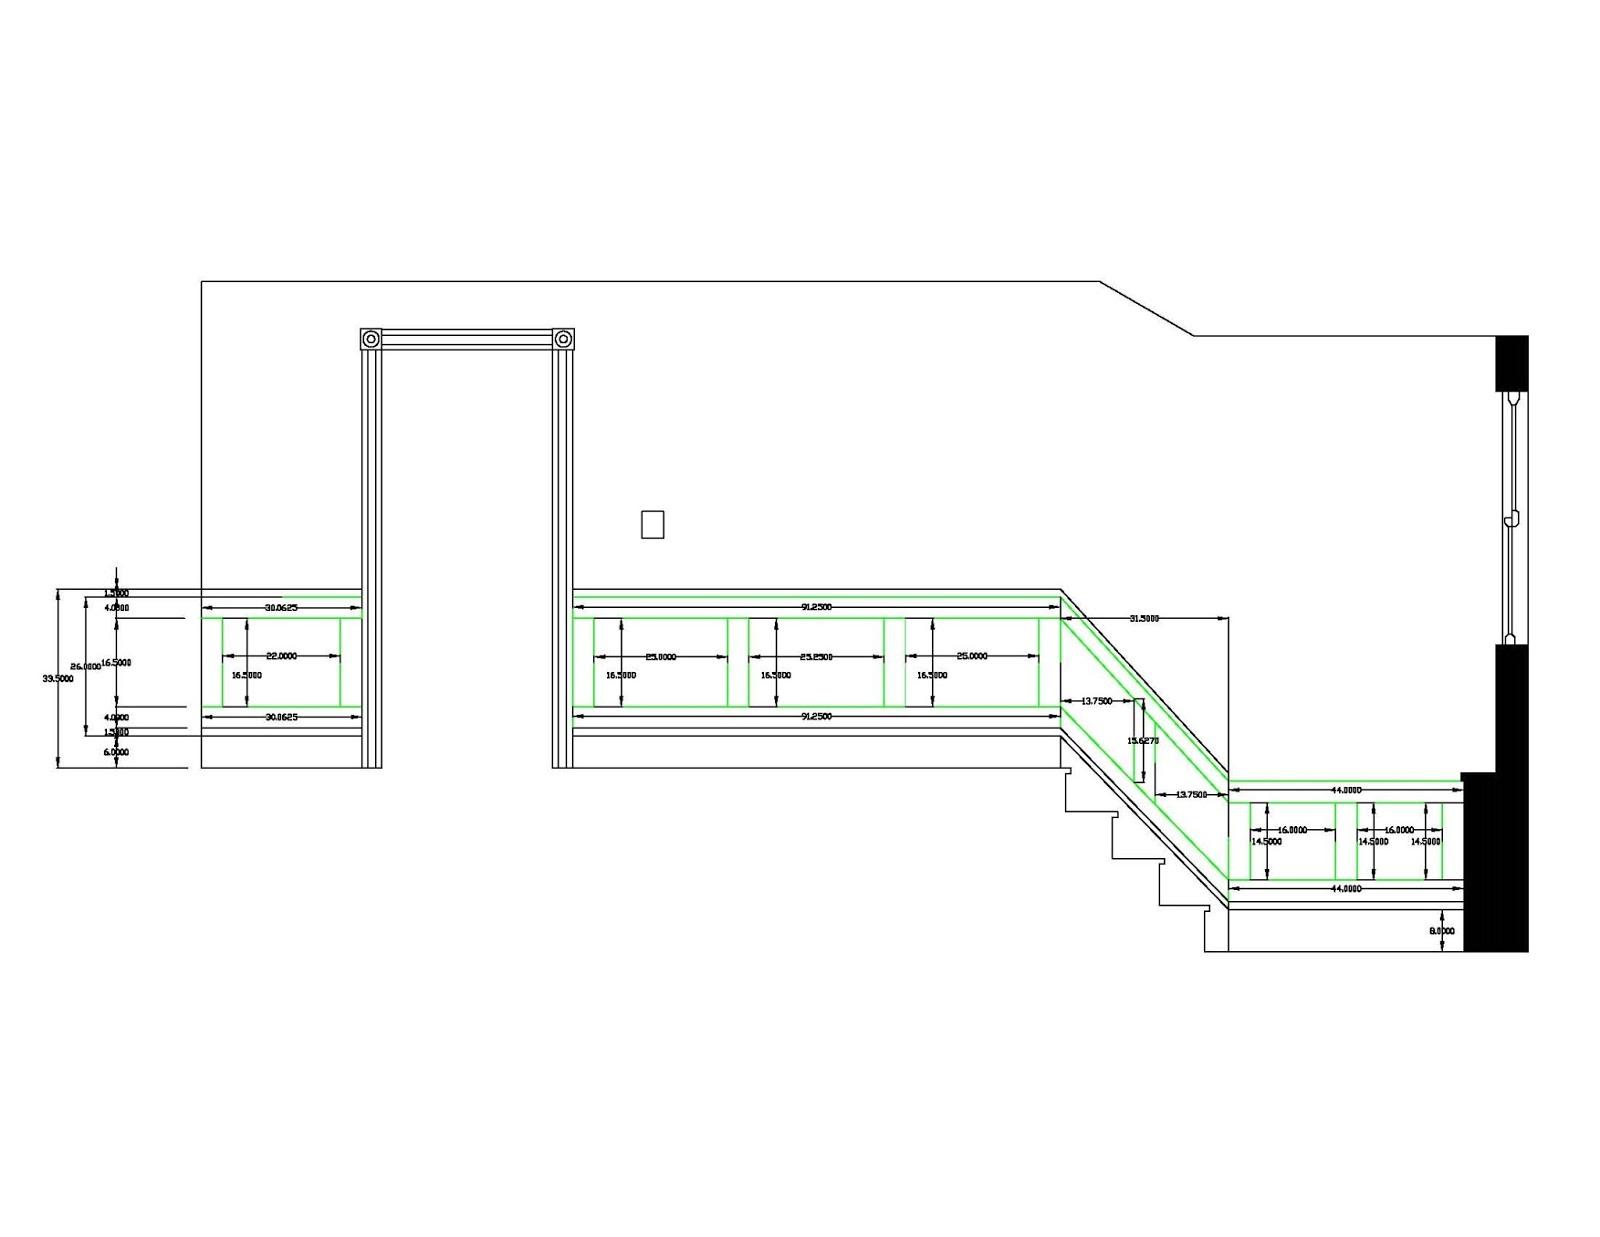 Floor Elevation Measurement : High street market rd floor diy wainscoting and trim